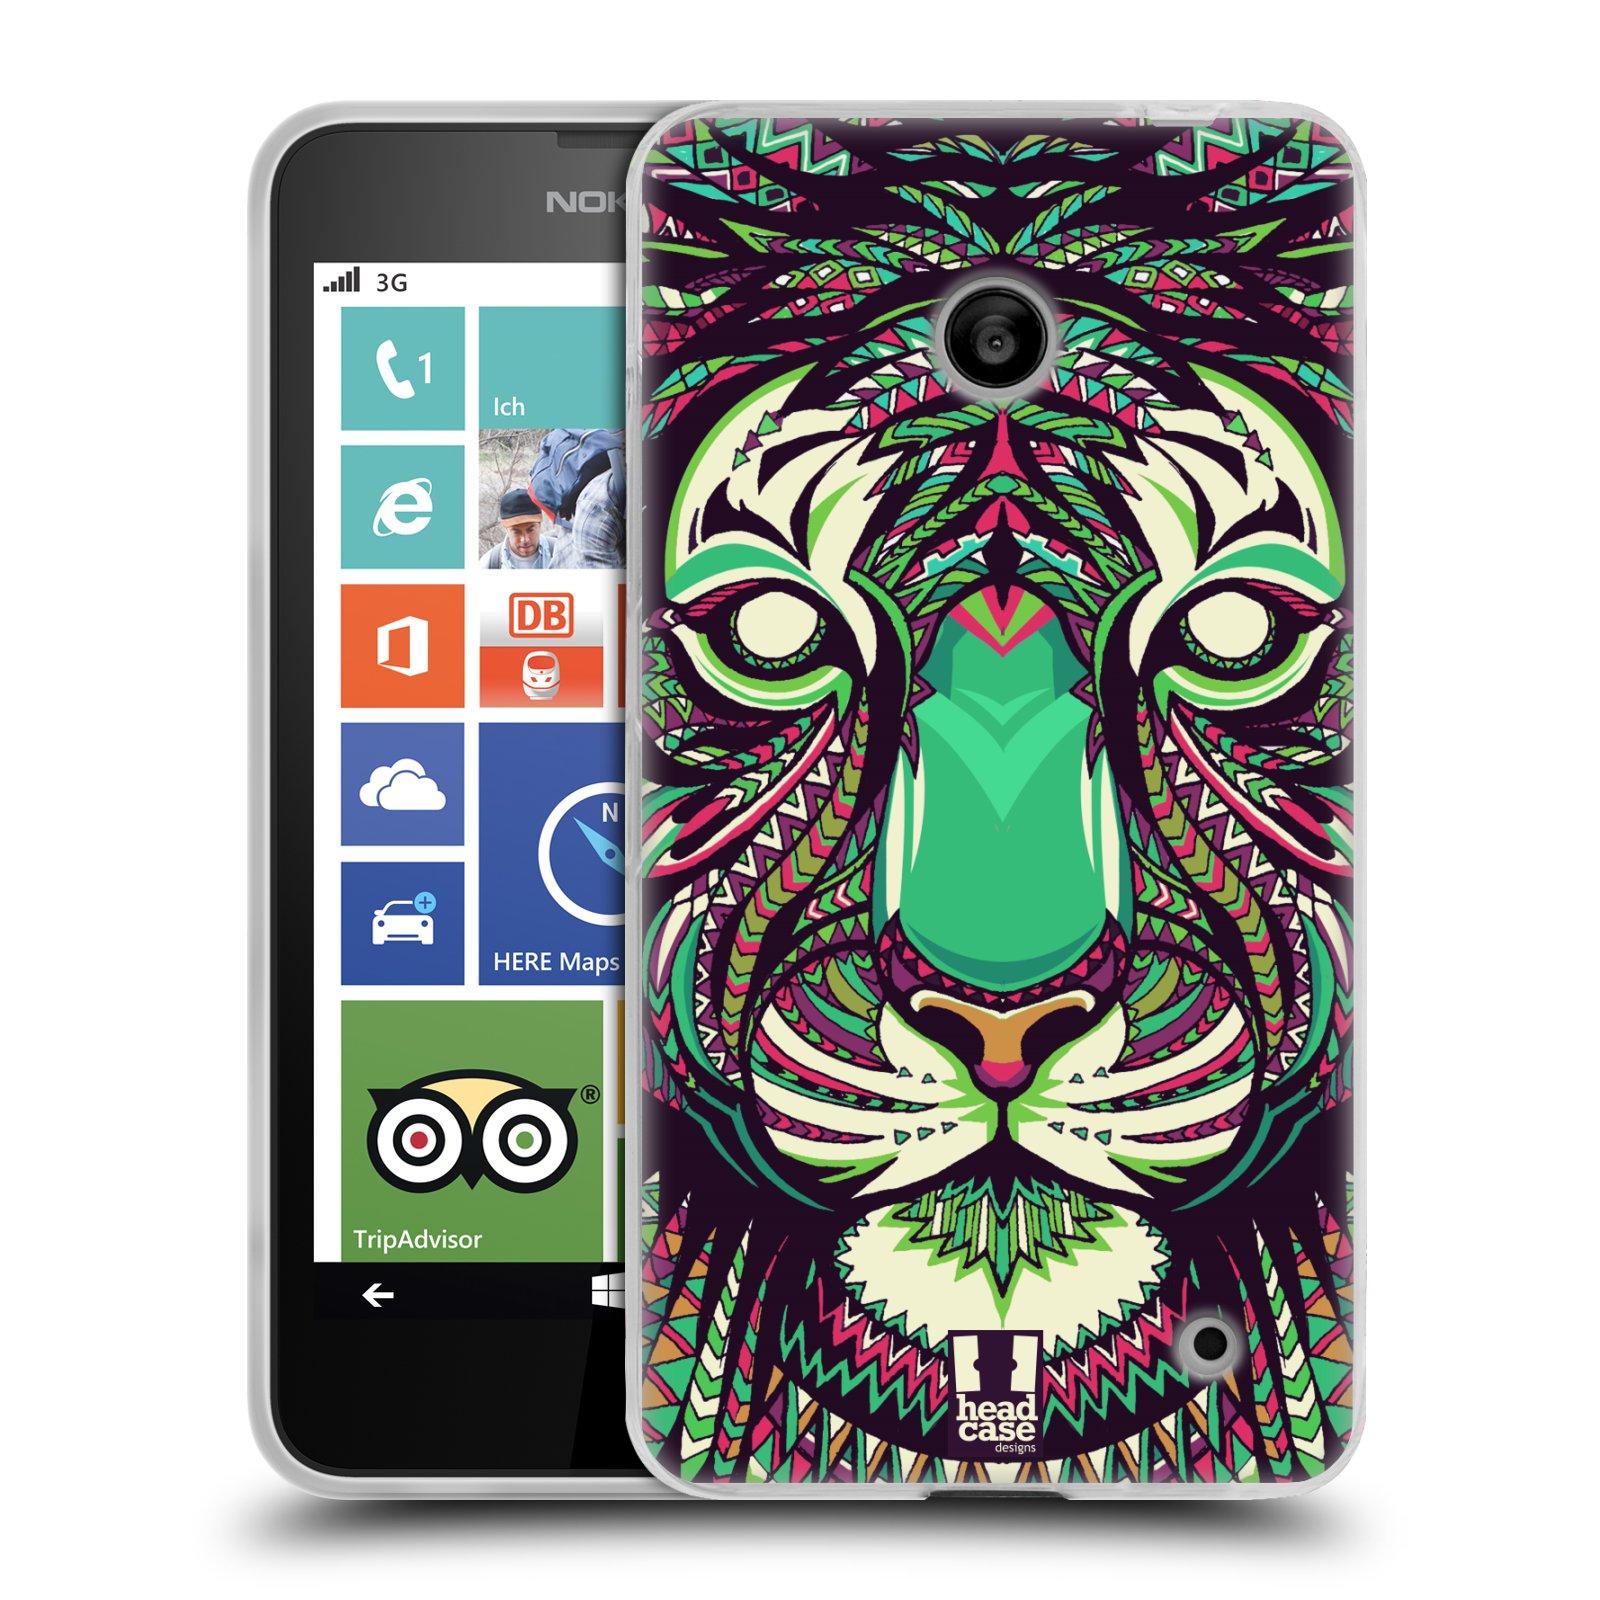 Silikonové pouzdro na mobil Nokia Lumia 630 HEAD CASE AZTEC TYGR (Silikonový kryt či obal na mobilní telefon Nokia Lumia 630 a Nokia Lumia 630 Dual SIM)